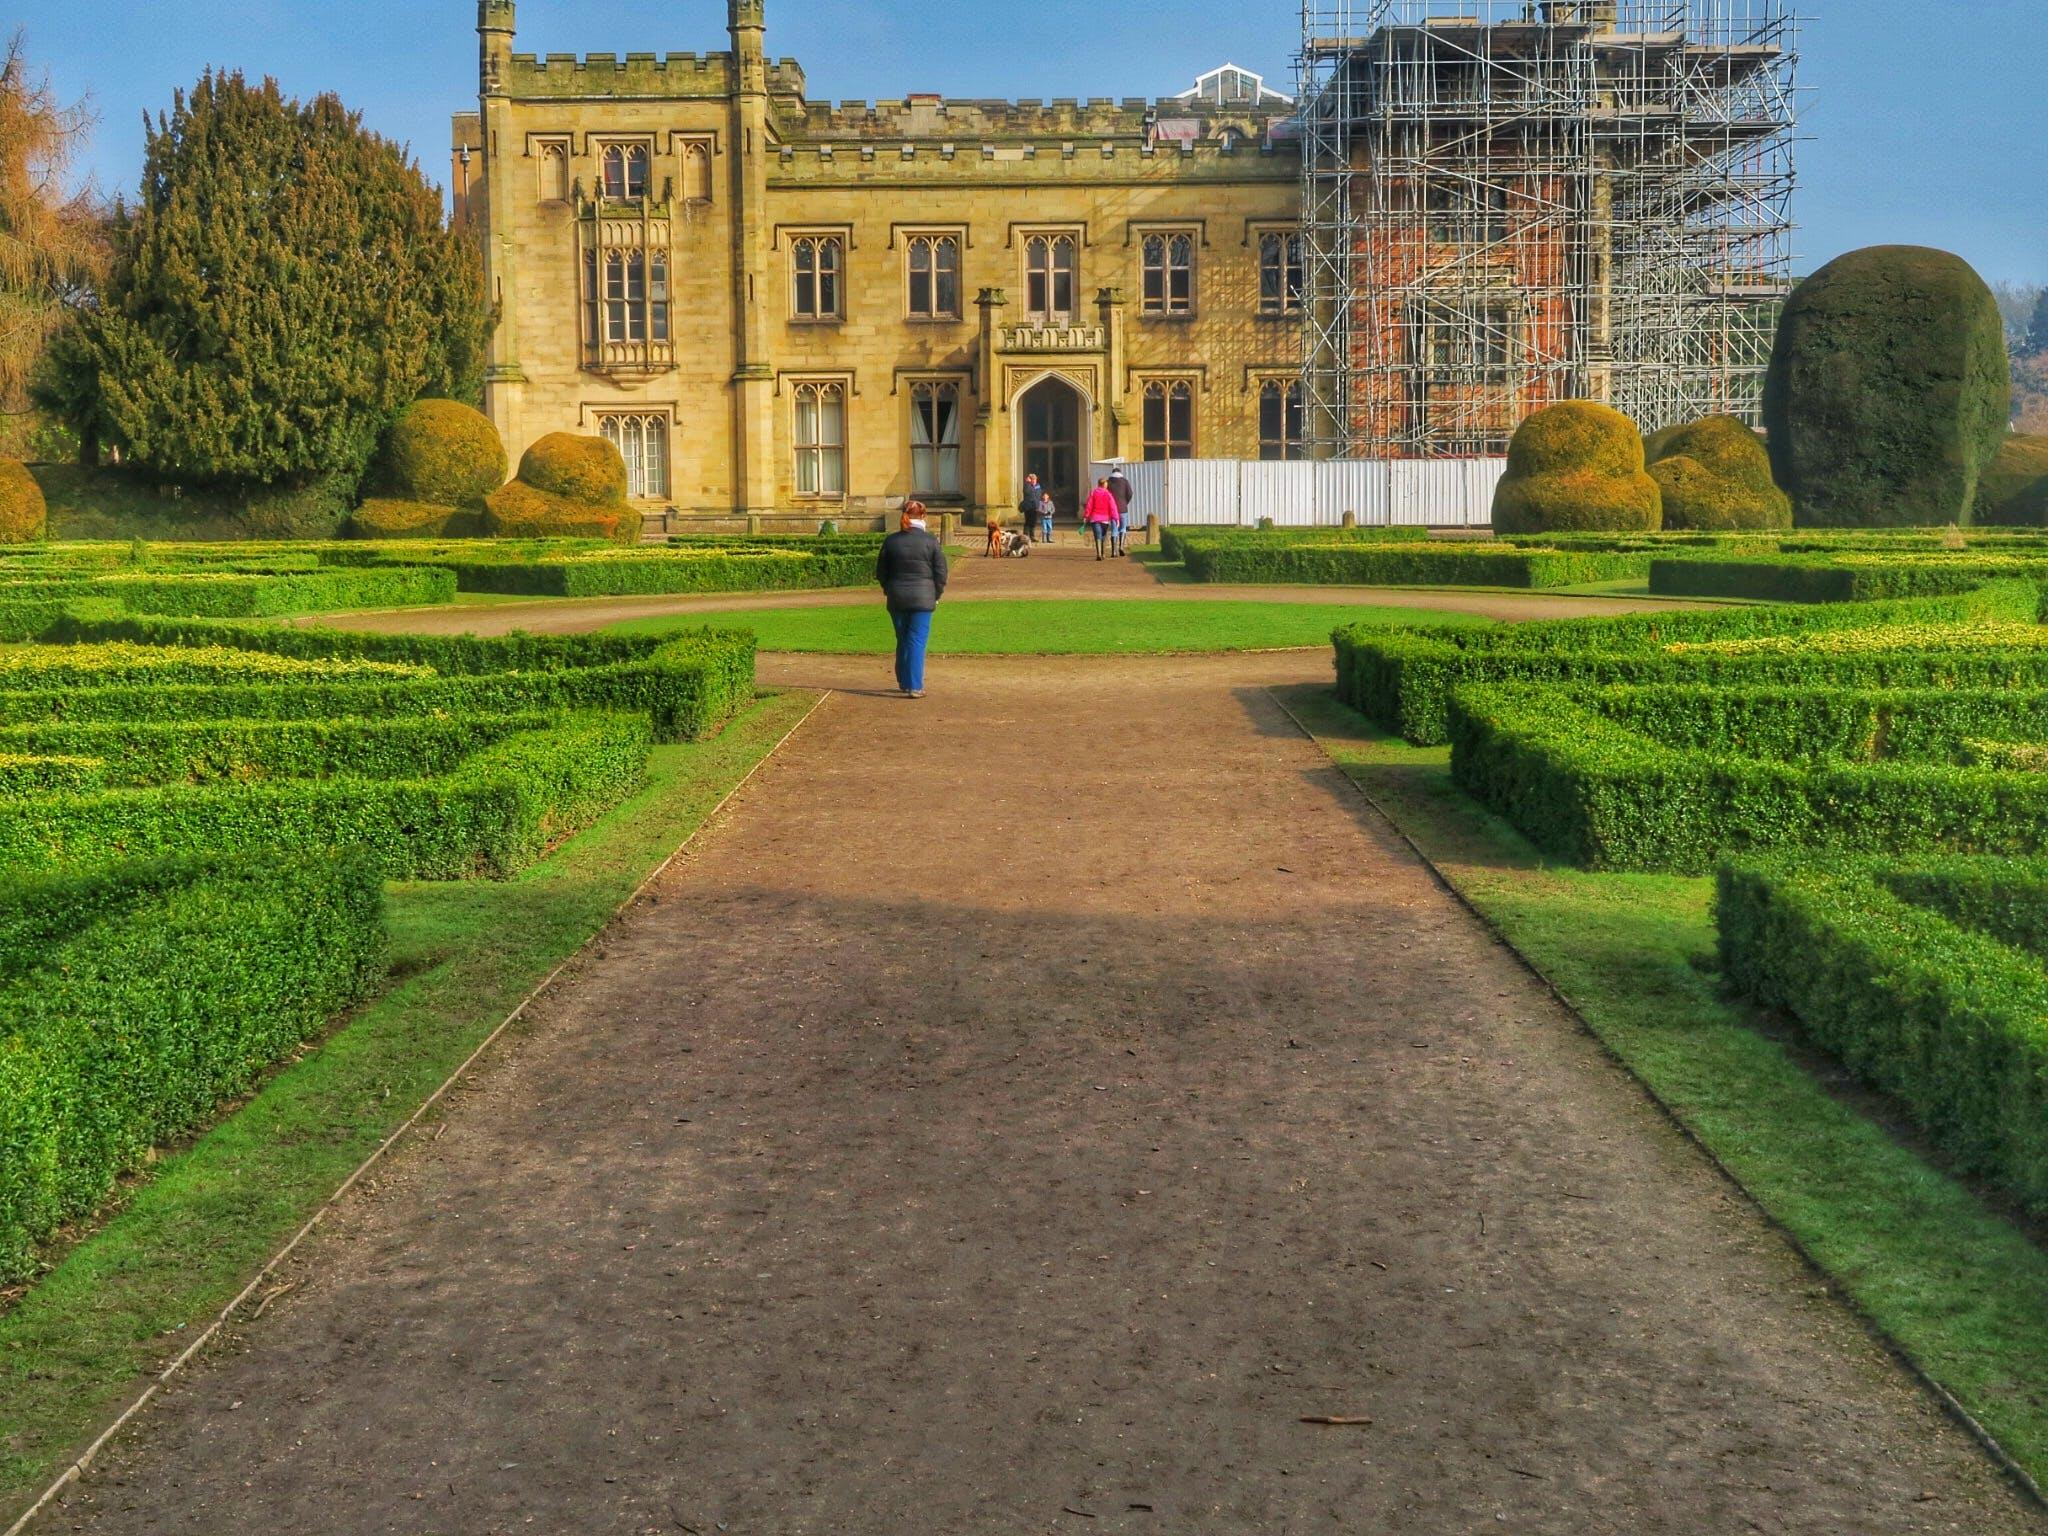 Kostenloses Stock Foto zu absicherung, gärten, historisches haus, landschaft